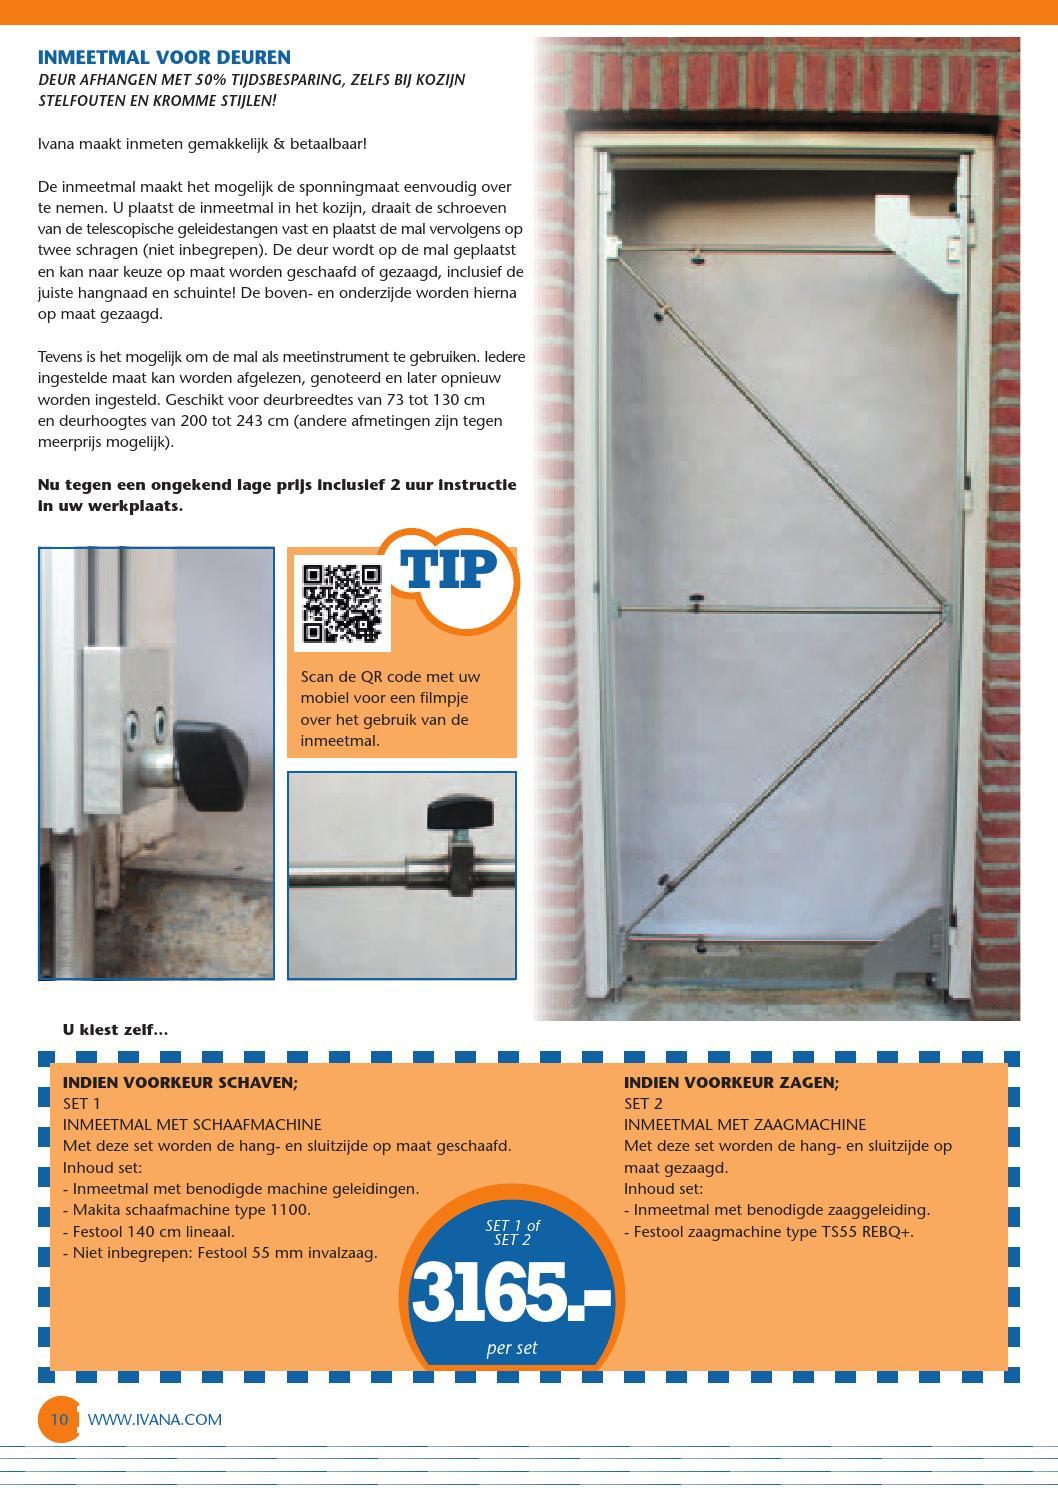 Ivana bulletin maart 2014 by ivana issuu for Inmeetmal voor deuren